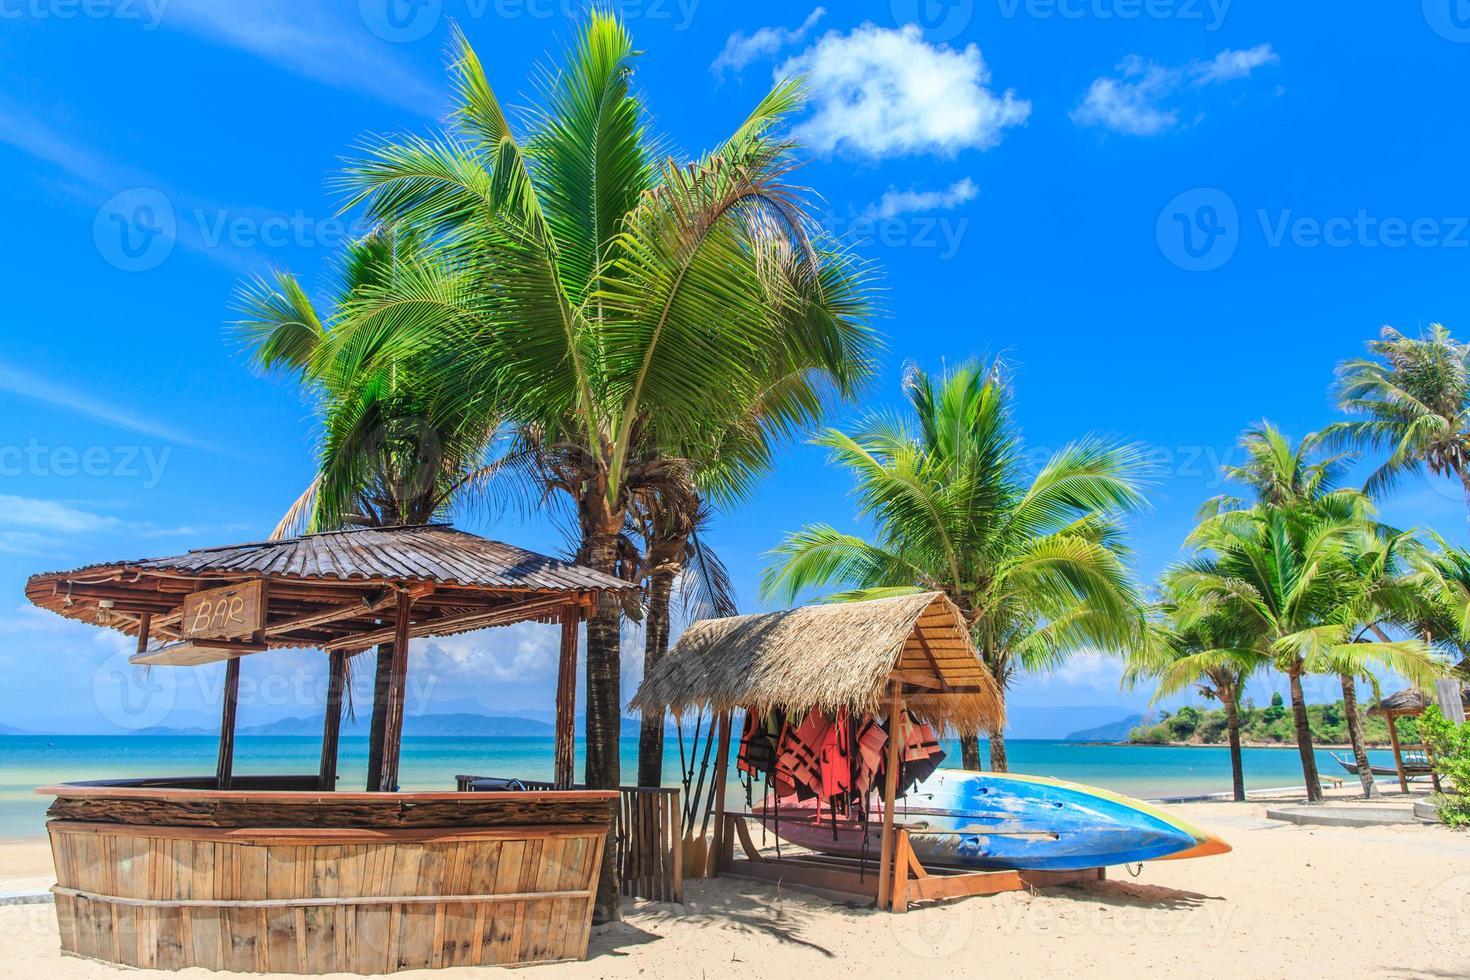 Baboo Bar am weißen Strand auf tropischer Insel foto